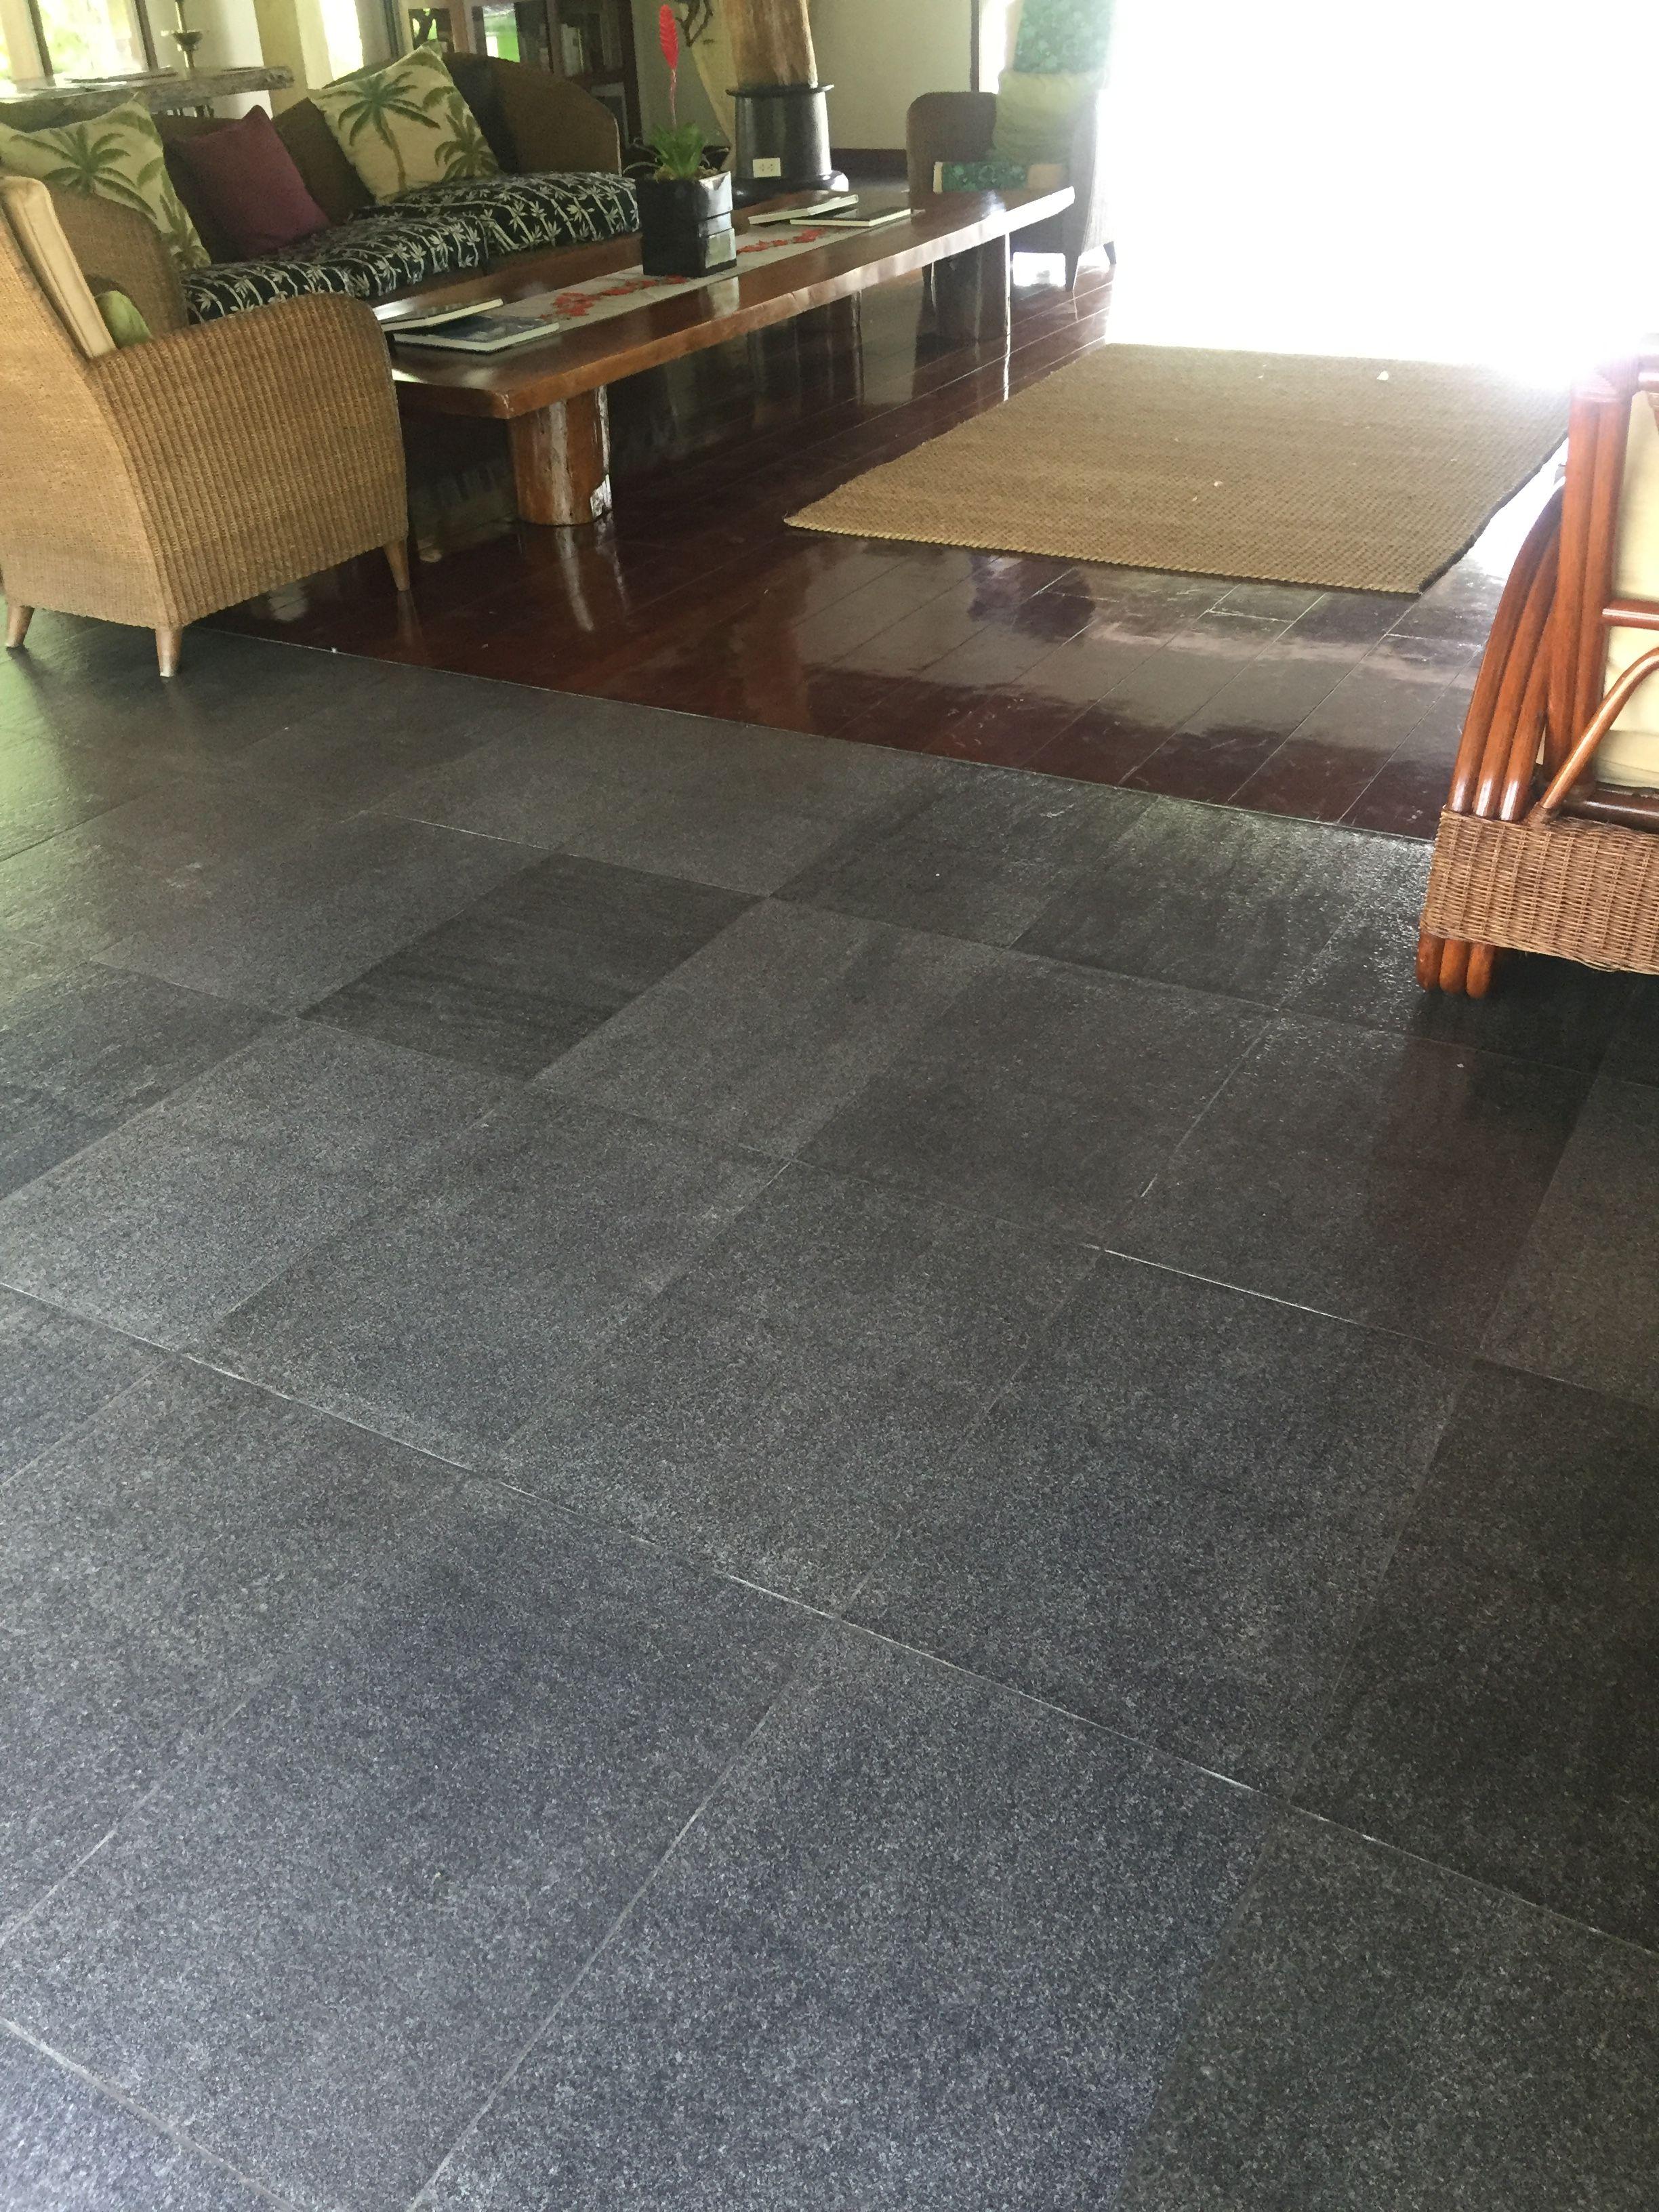 Lobby grey stone with wood